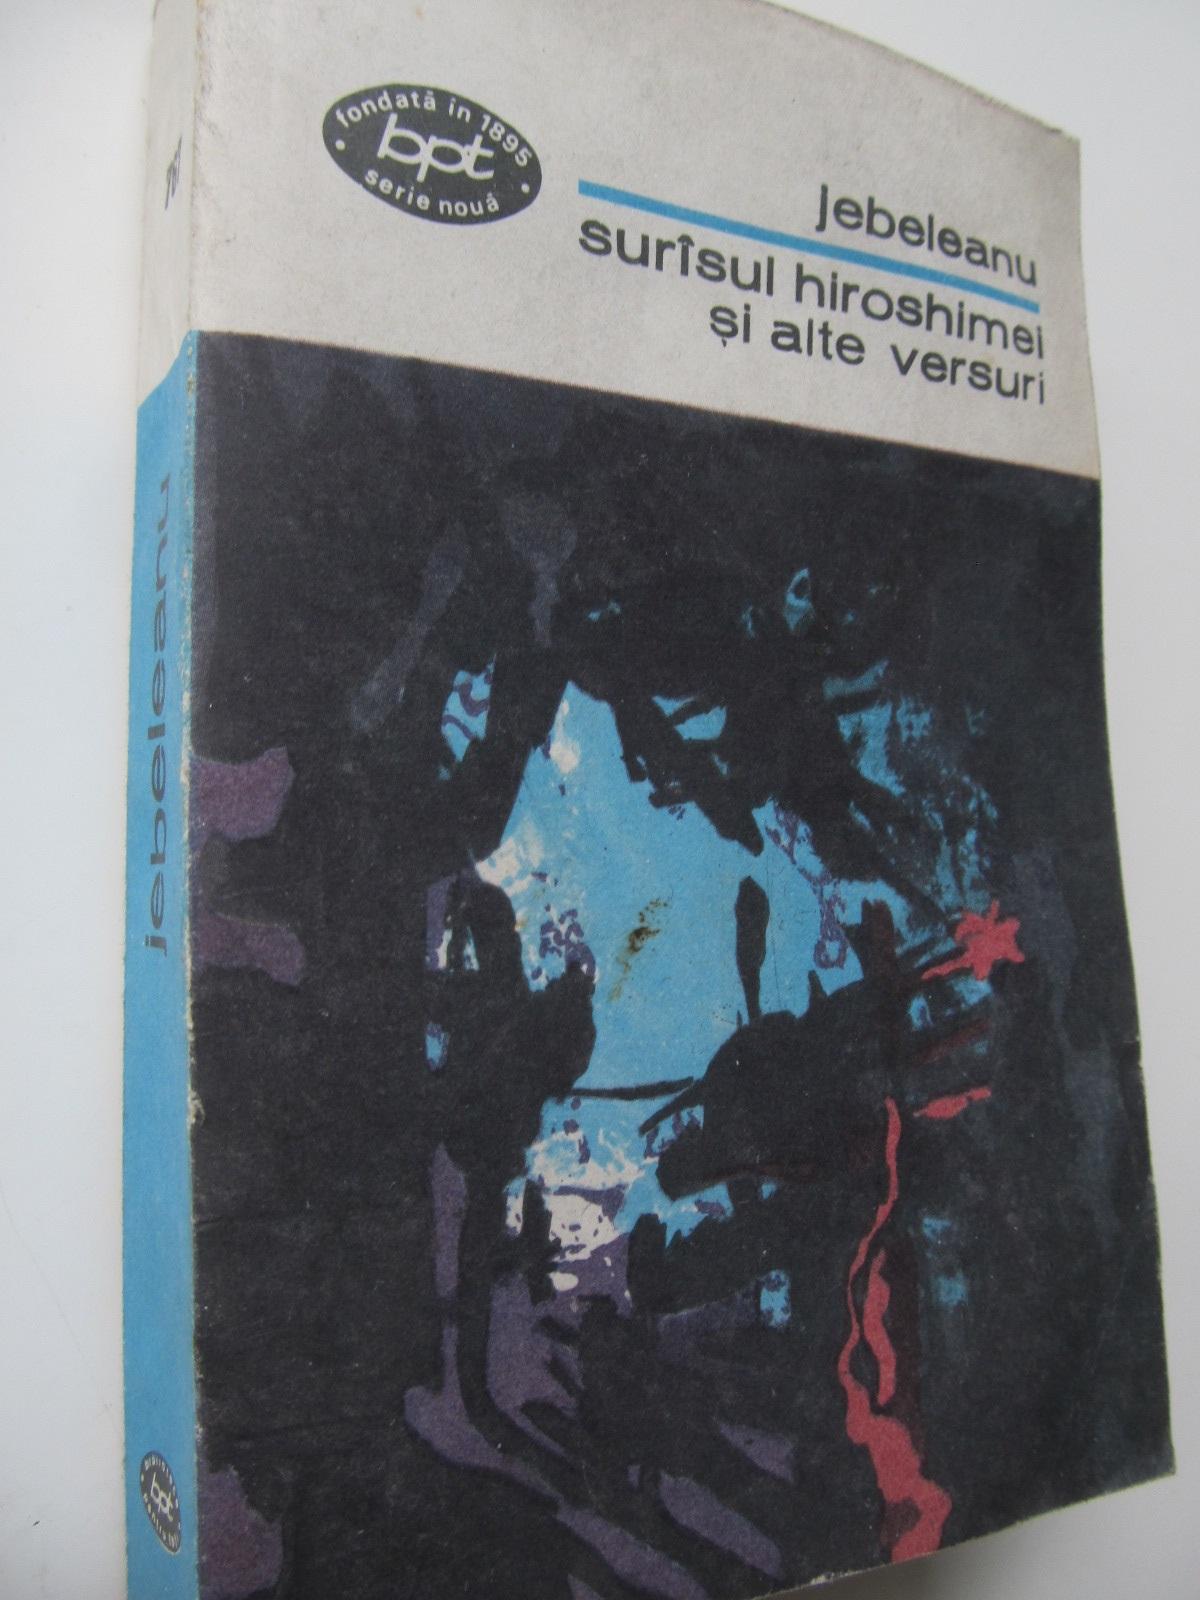 Surasul Hiroshumei si alte versuri - Eugen Jebeleanu | Detalii carte